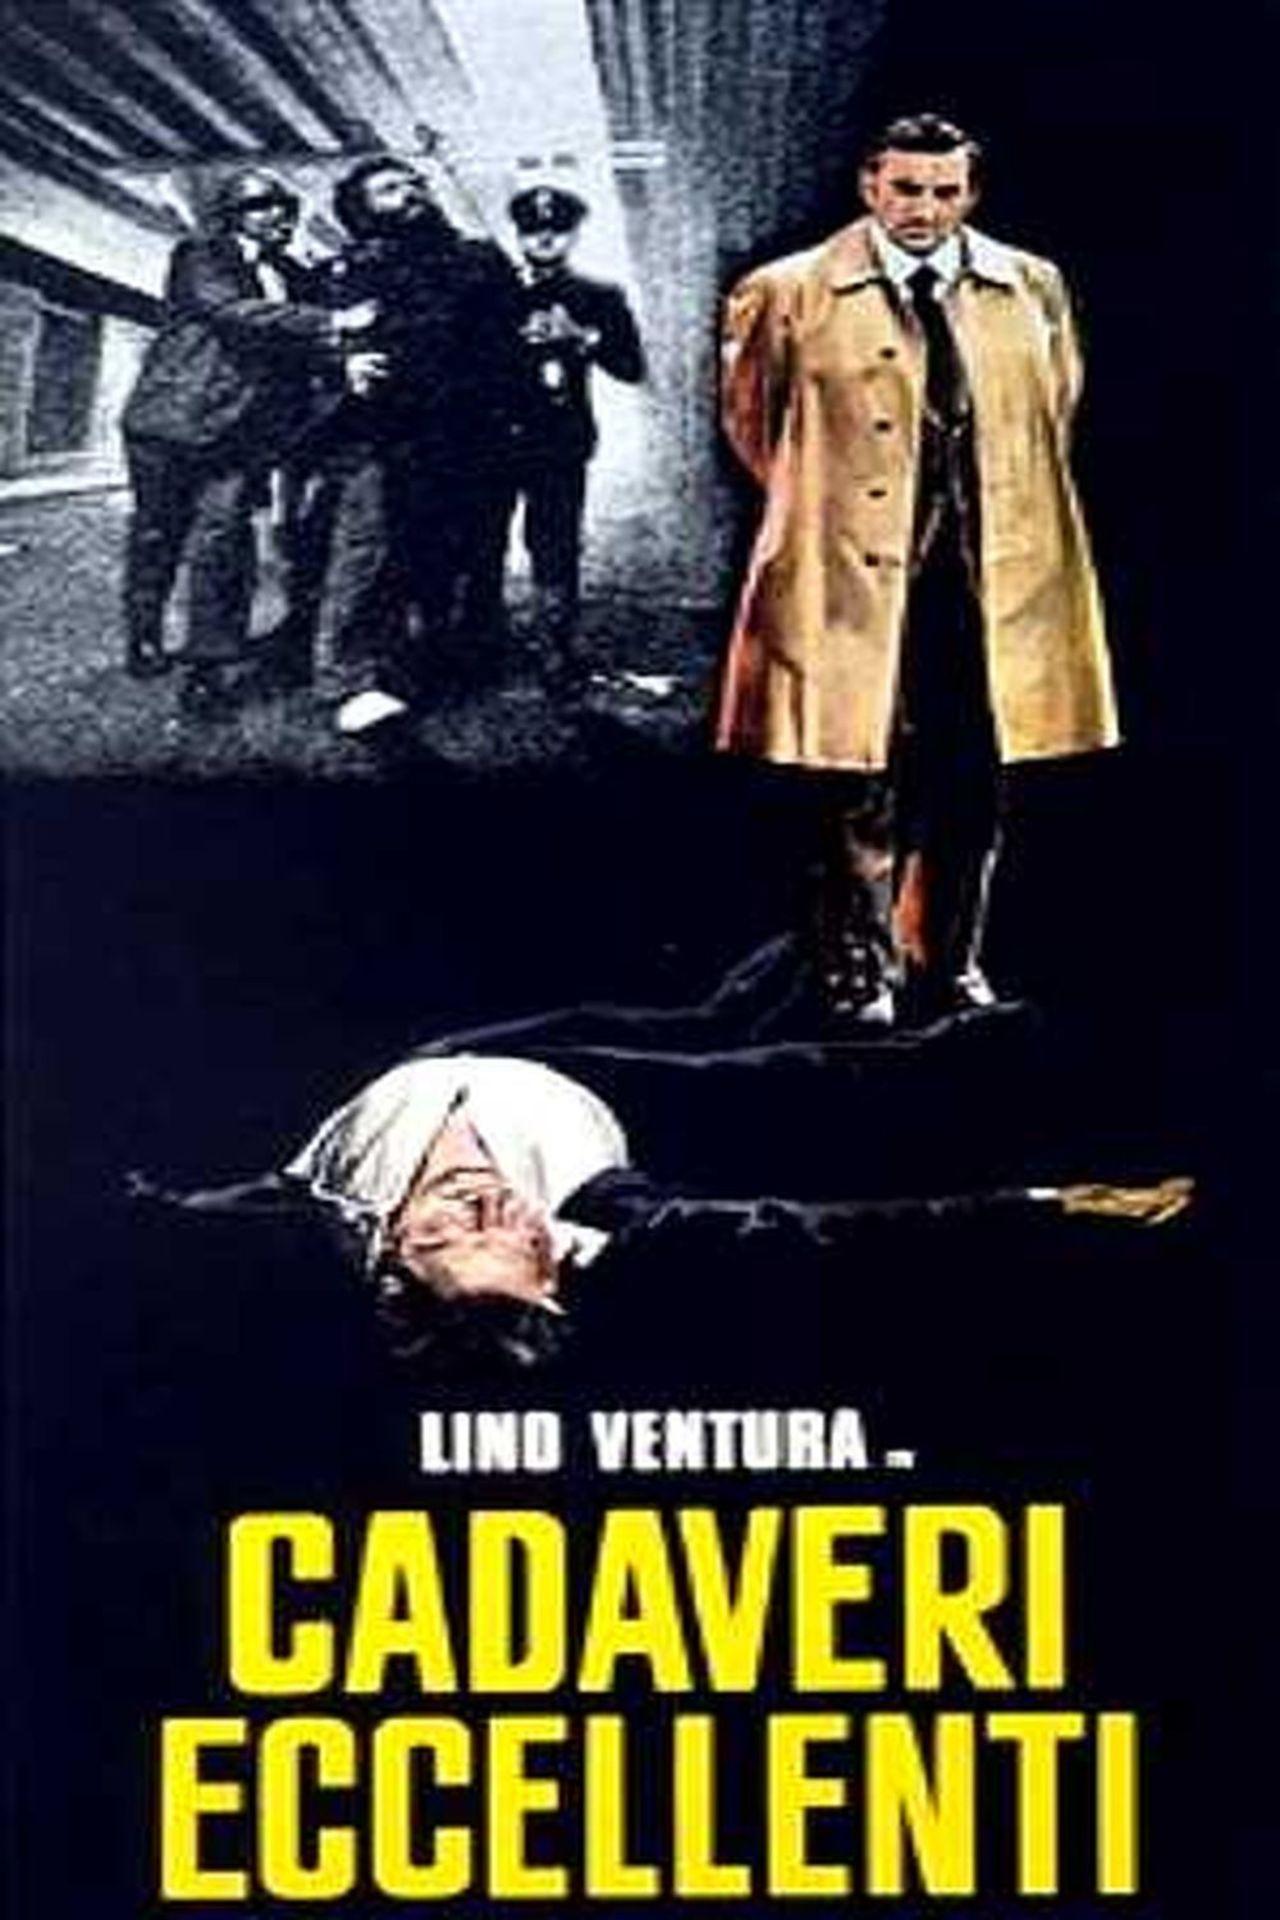 Muhteşem Cesetler - Cadaveri Eccellenti (1976) - barbarus